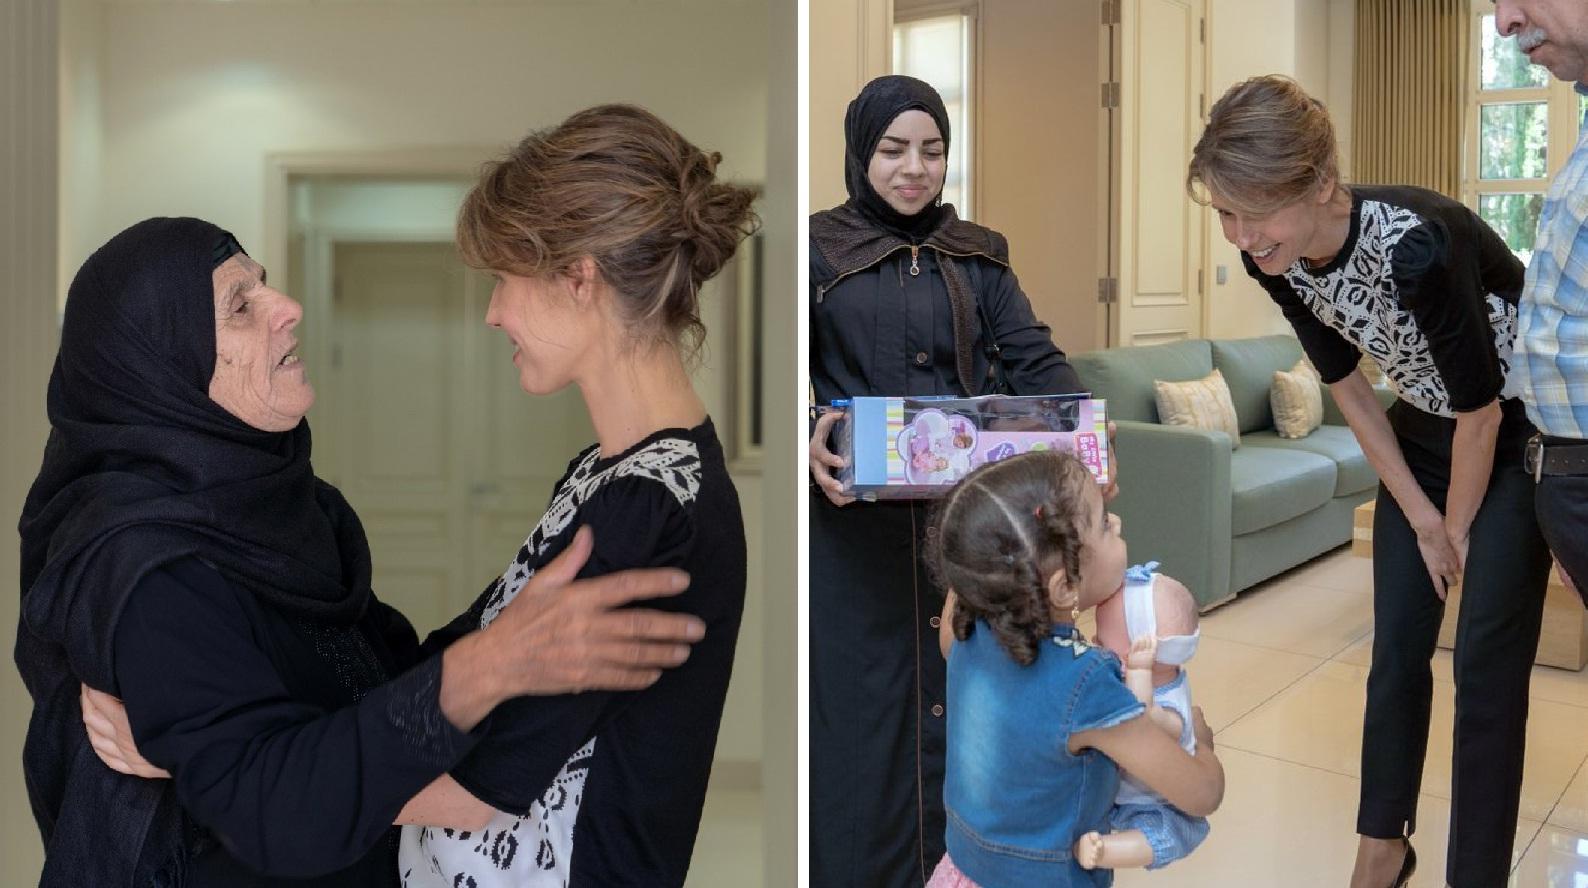 في أول ظهور لها بعد إعلان إصابتها بالسرطان... السيدة أسماء الأسد تستقبل عائلات الشهداء